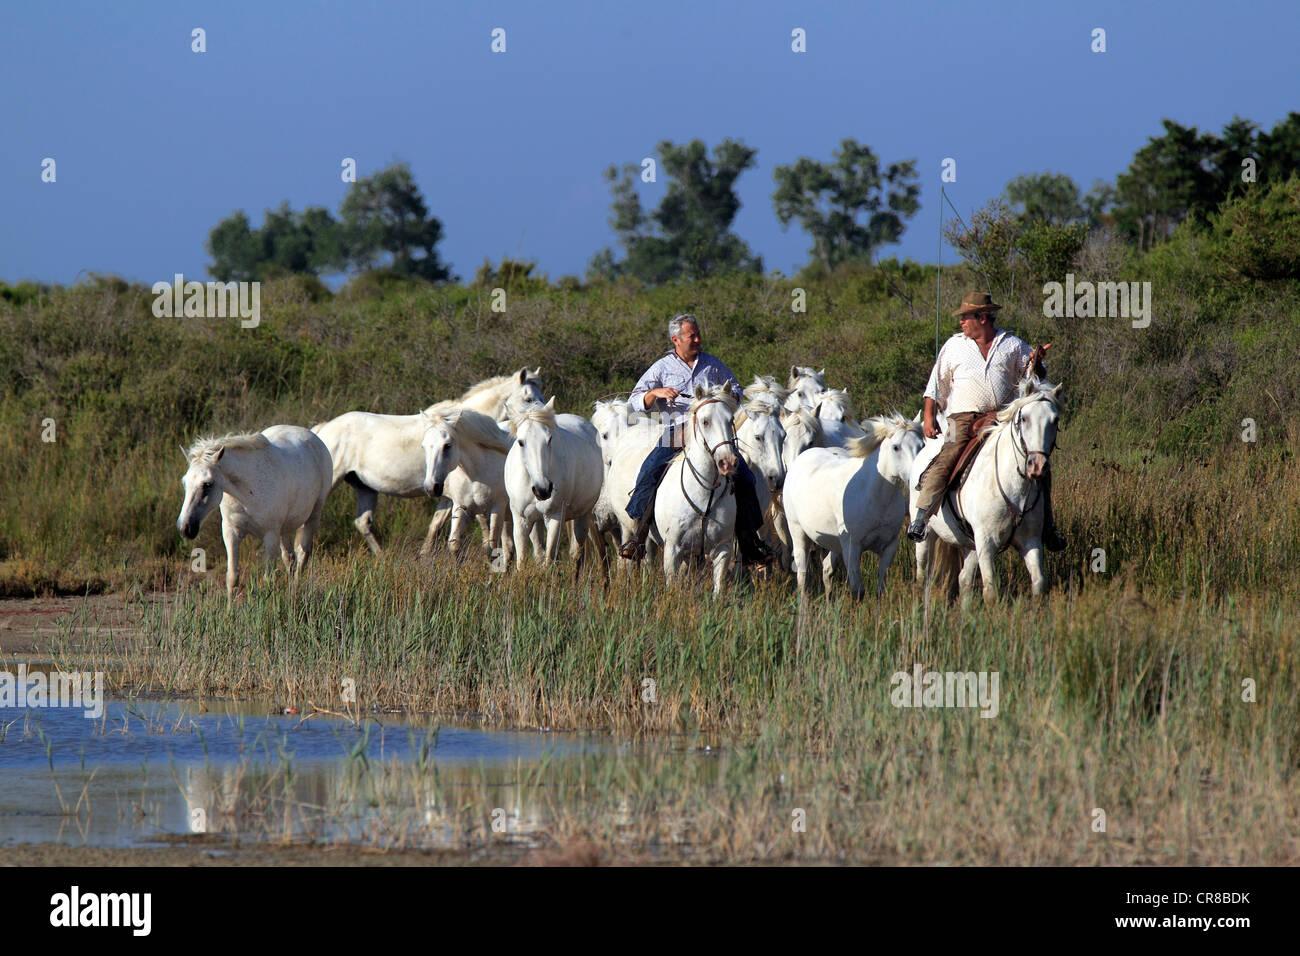 Caballos de Camargue (Equus caballus), caballo-jinete, Saintes-Marie-de-la-Mer, Camargue, Francia, Europa Imagen De Stock